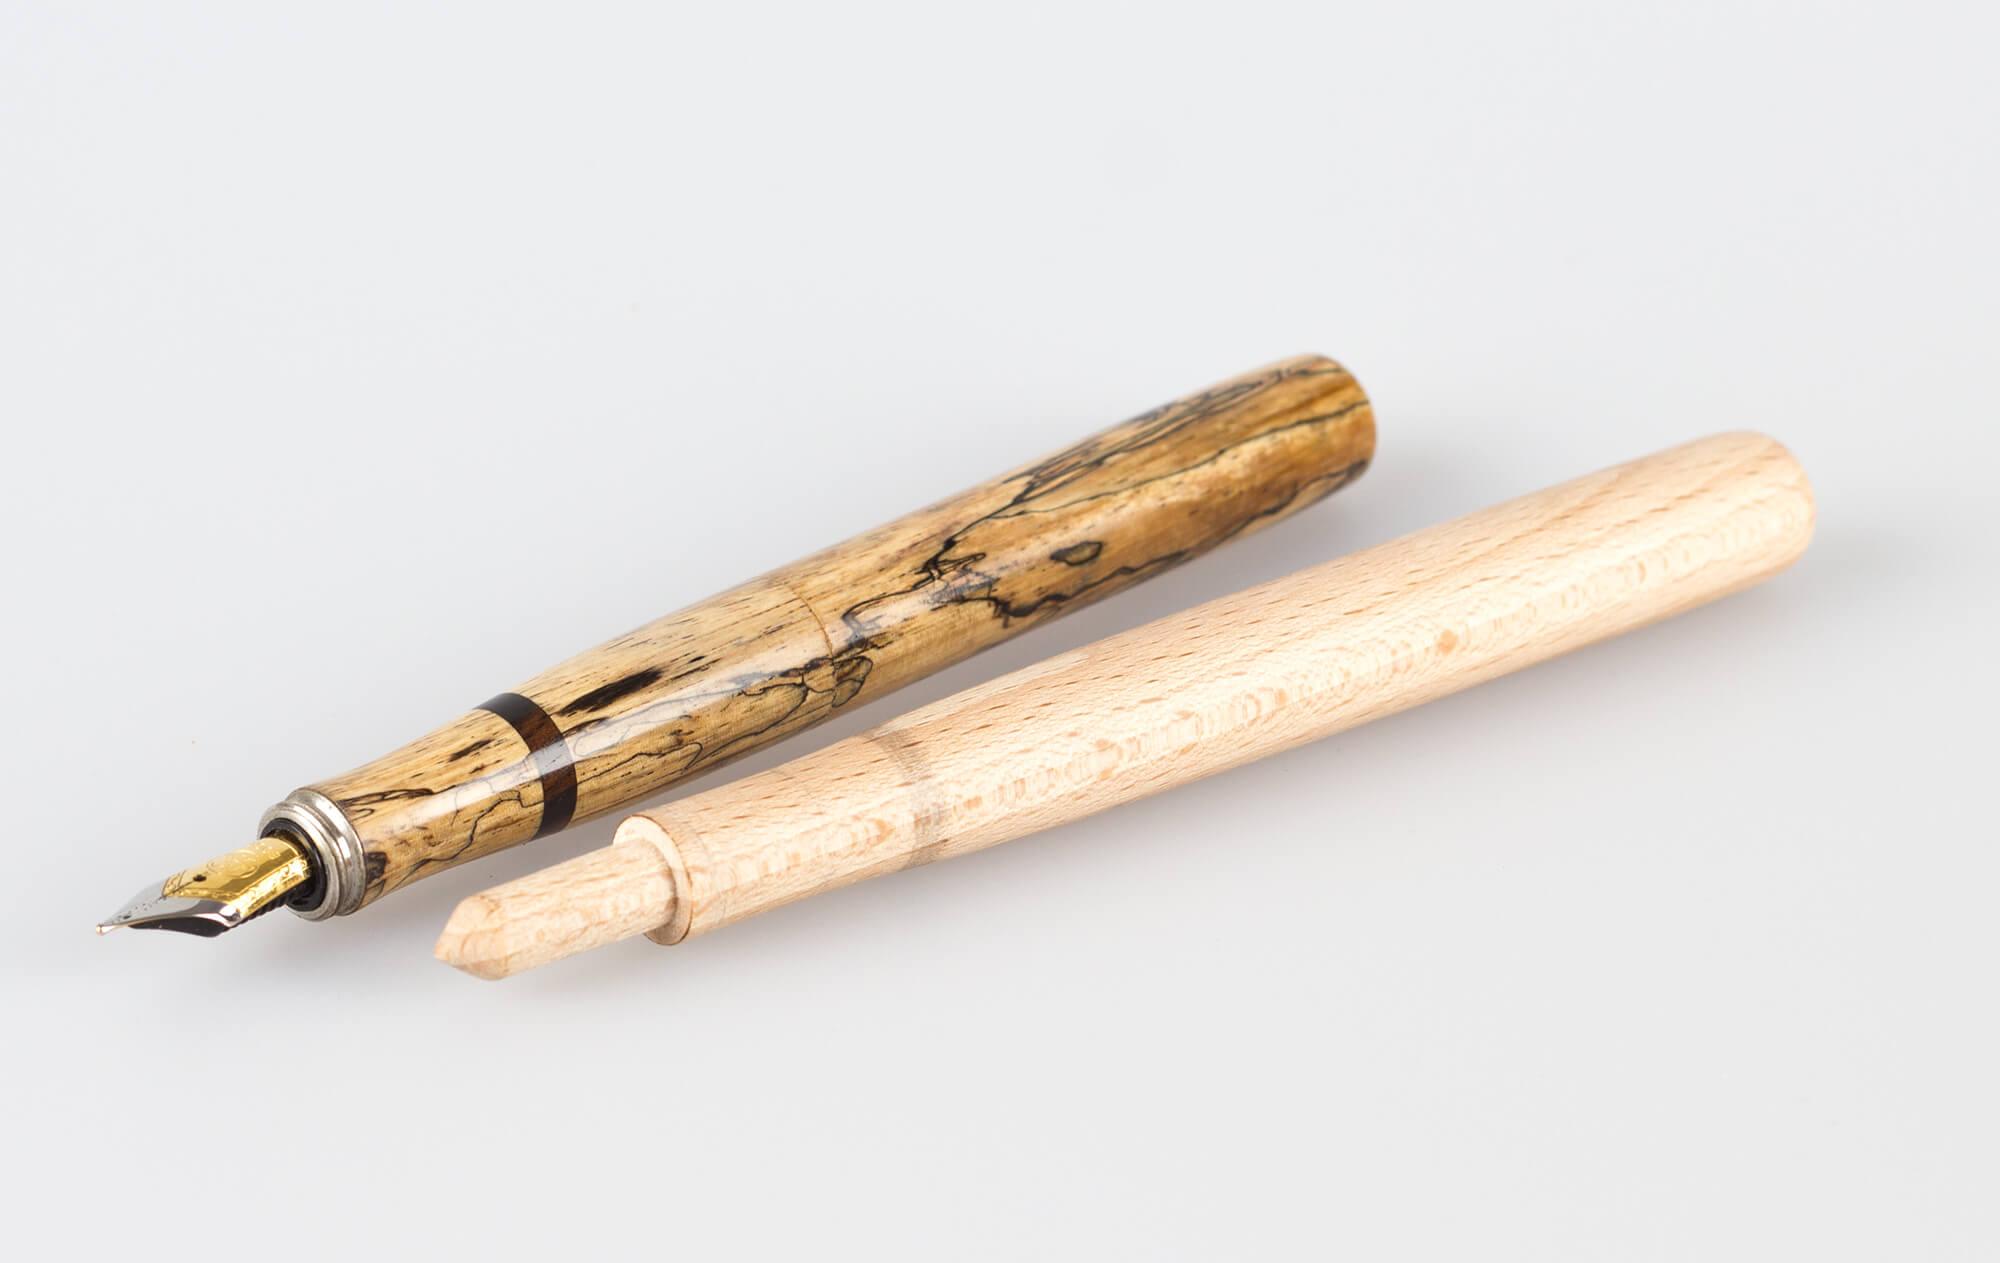 Füller aus Tamarind, mit einzigartigem Griffstück aus Holz